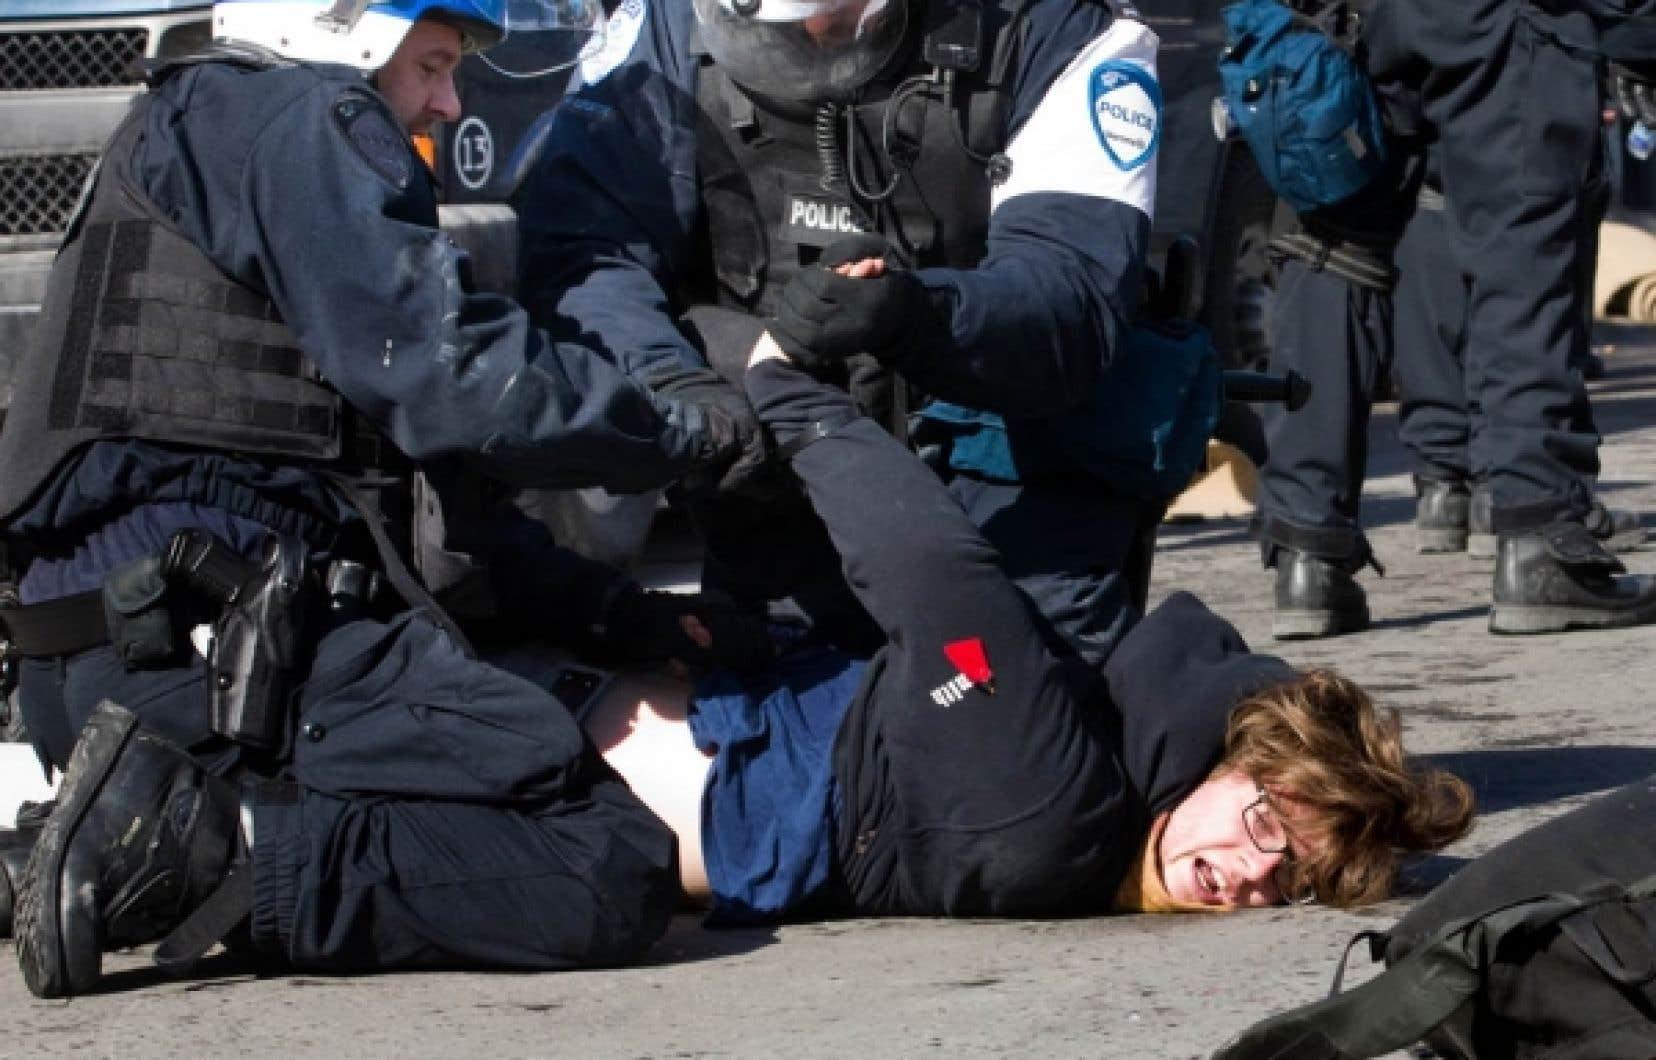 Au total, cinq personnes ont été arrêtées hier, dont cet étudiant, devant les locaux de Loto-Québec rue Sherbrooke à Montréal.